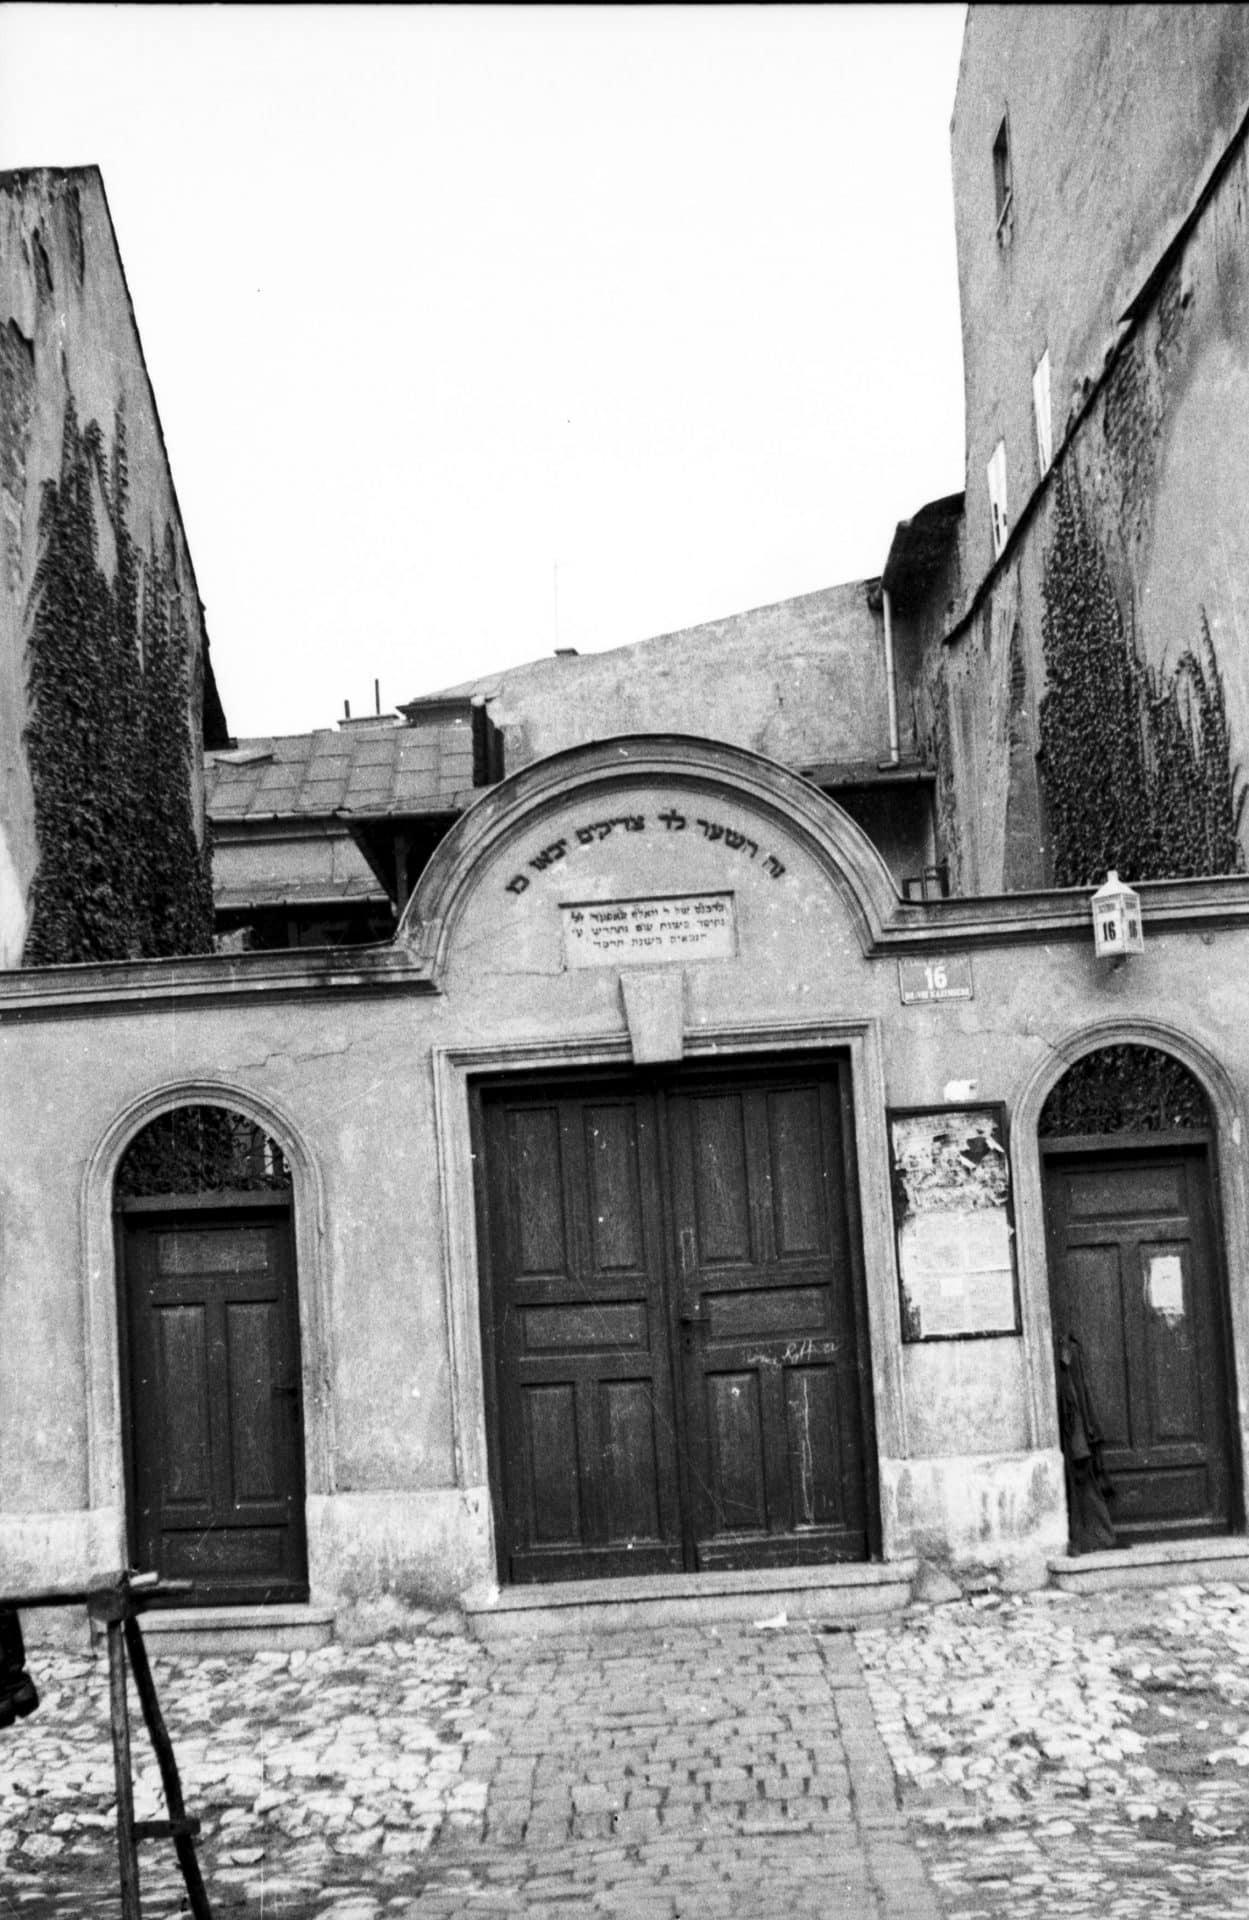 Brama synagogi Poppera. Wejście na cmentarz żydowski. 1936 rok. Źródło: Narodowe Archiwum Cyfrowe.